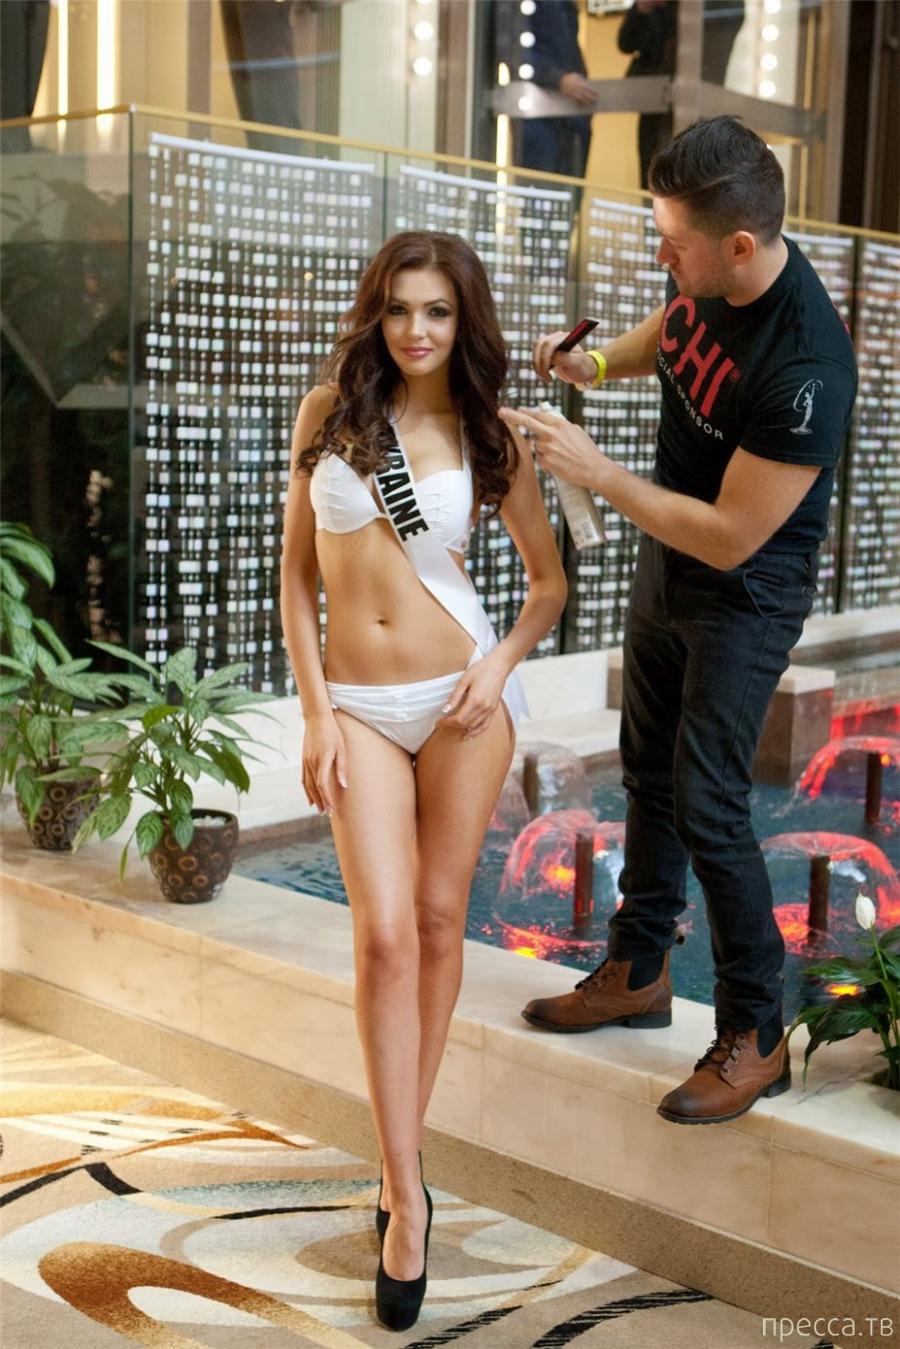 Ольга Стороженко - Мисс Украина, финалистка конкурса «Мисс Вселенная 2013» (8 фото)